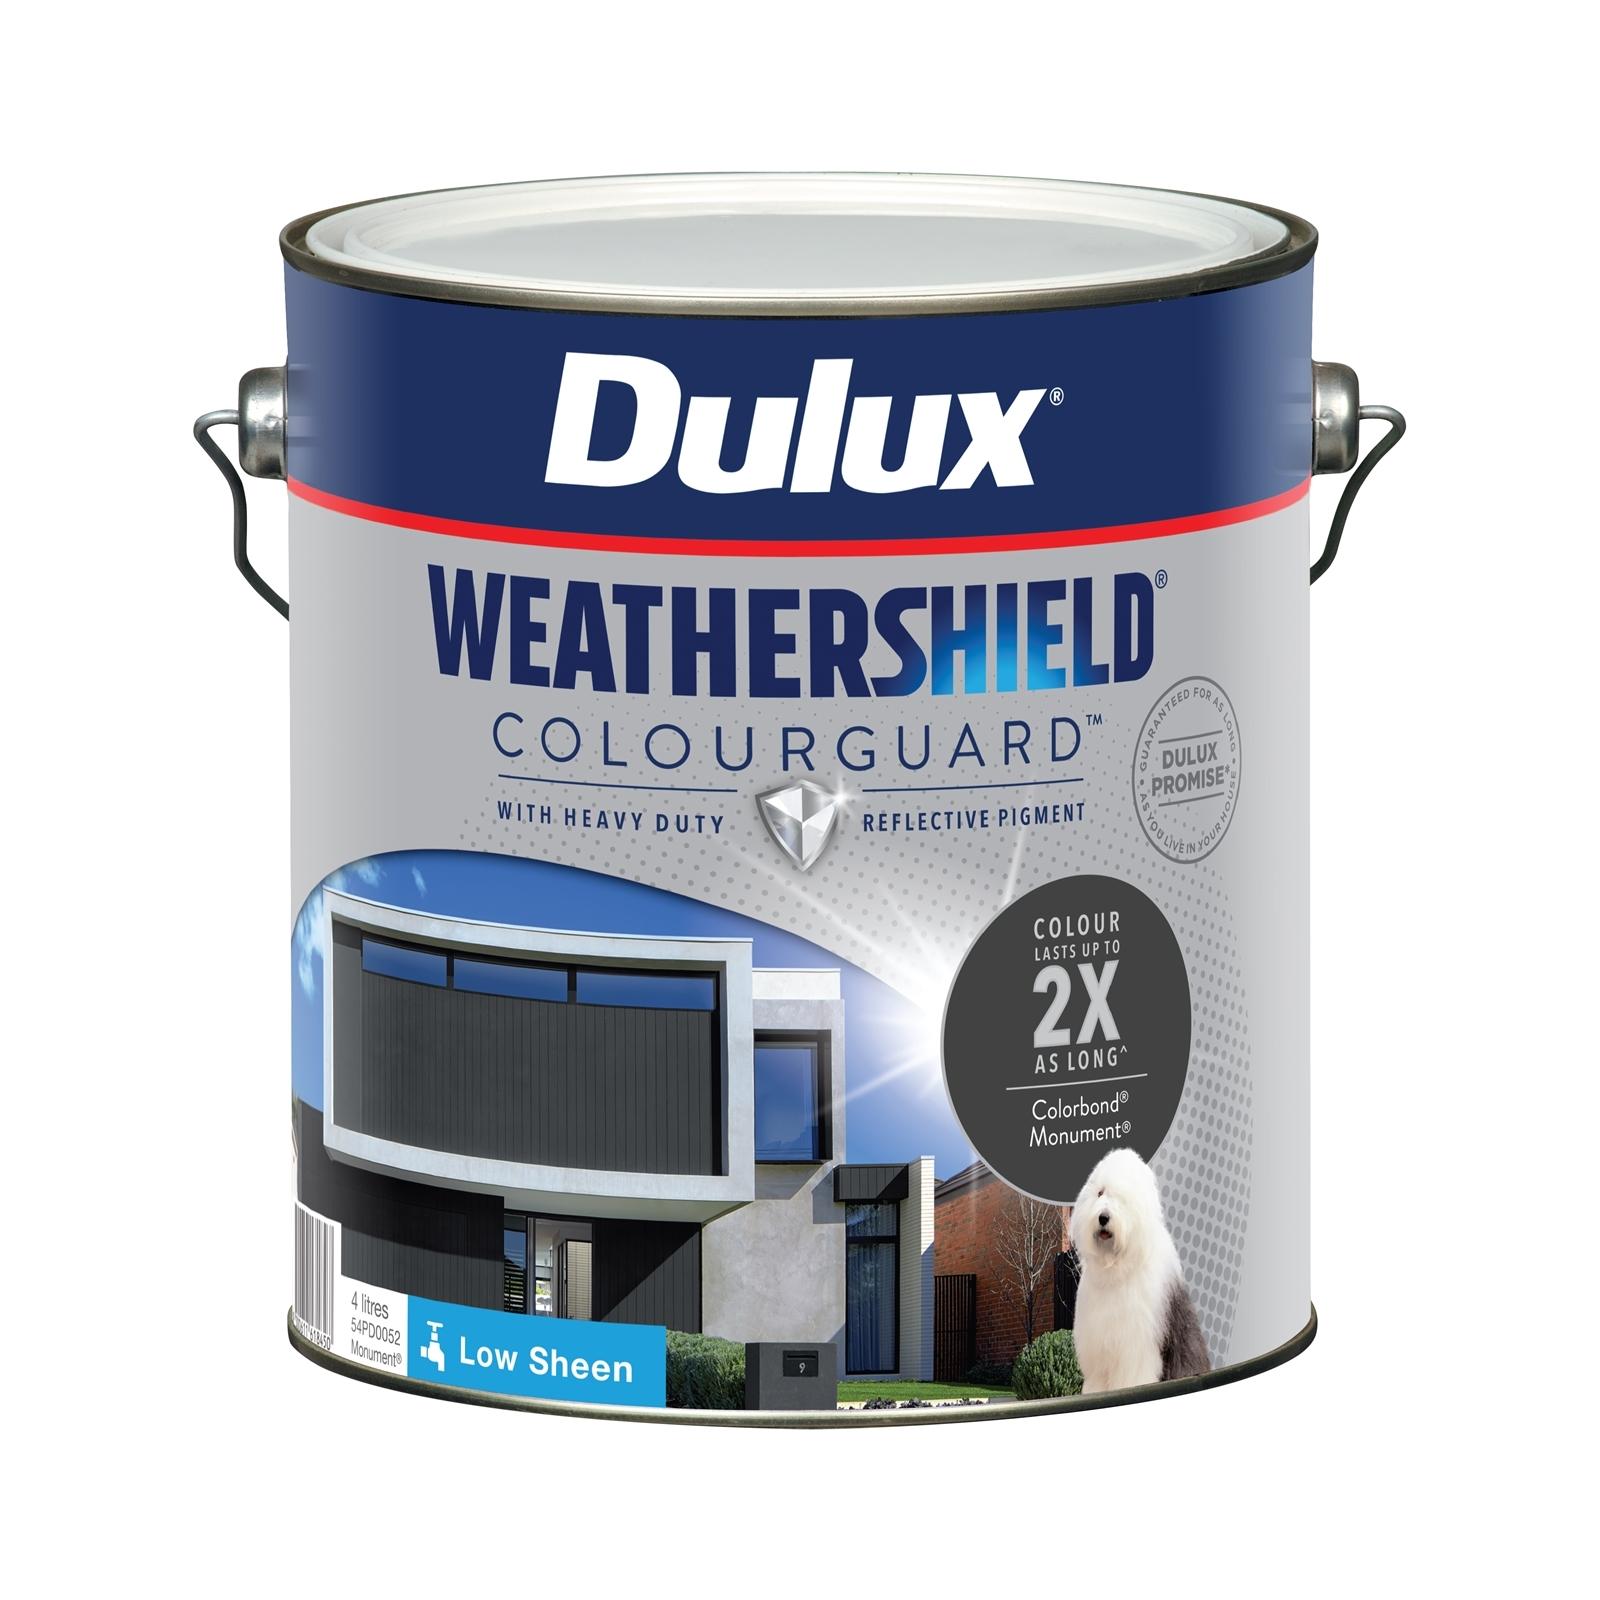 Dulux 4L Low Sheen Monument Weathershield ColourGuard Exterior Paint